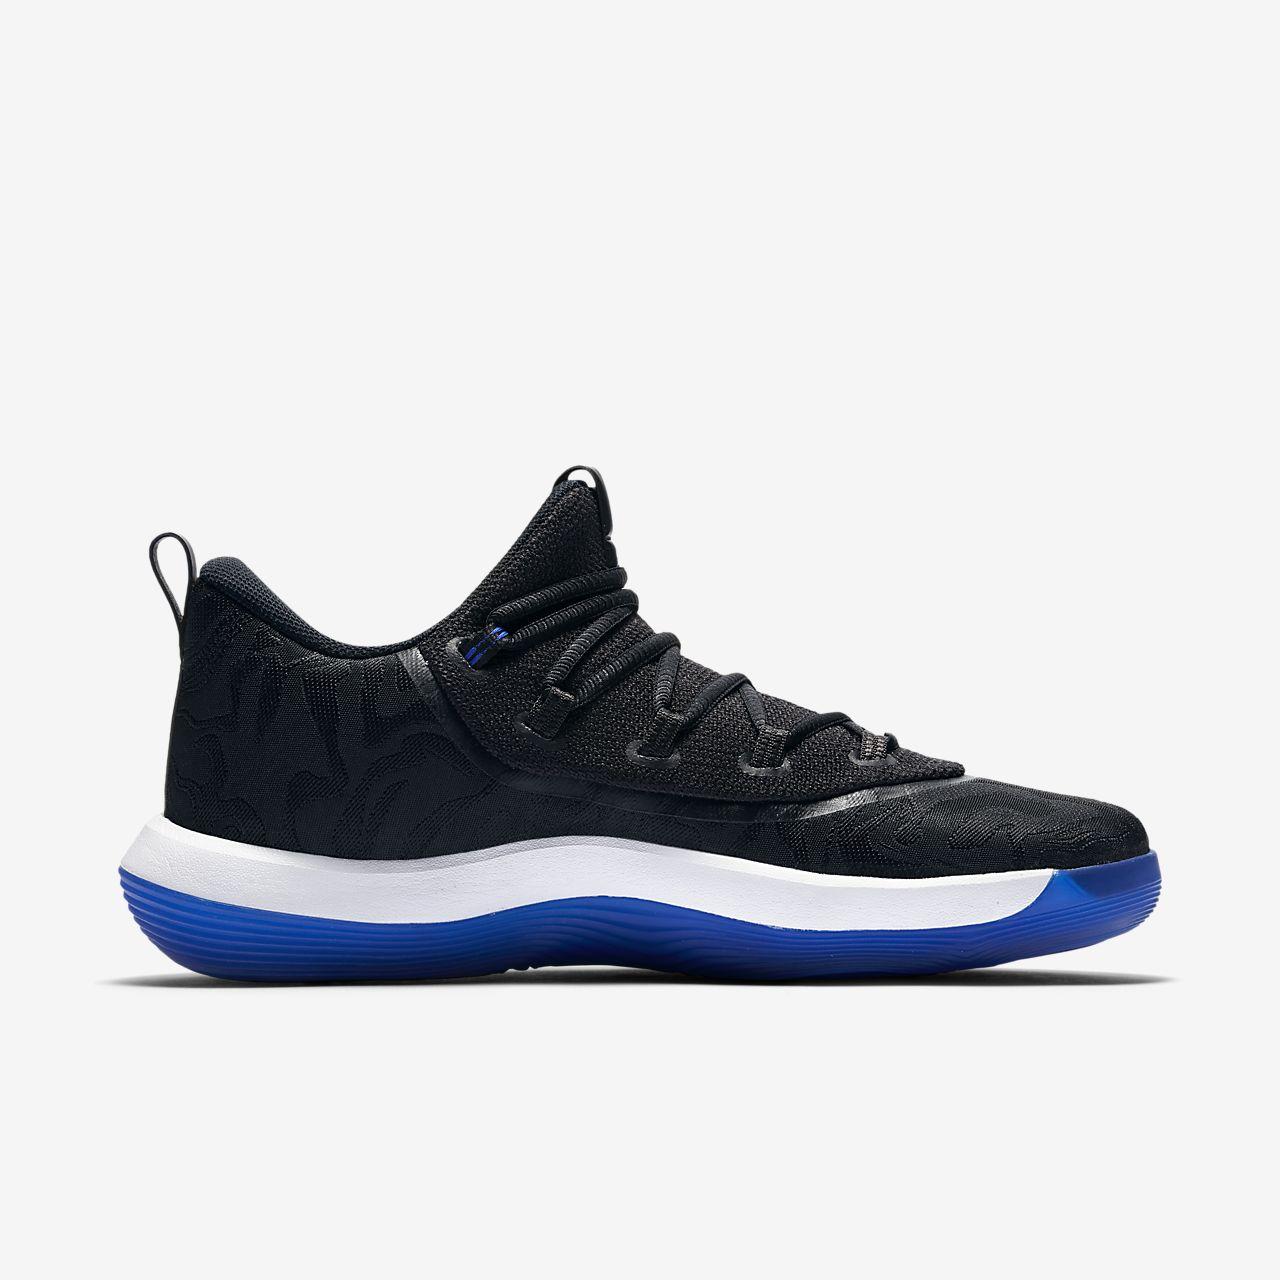 Chaussure De Pour Basketball 2017 Super Homme Jordan fly Low htdQsr